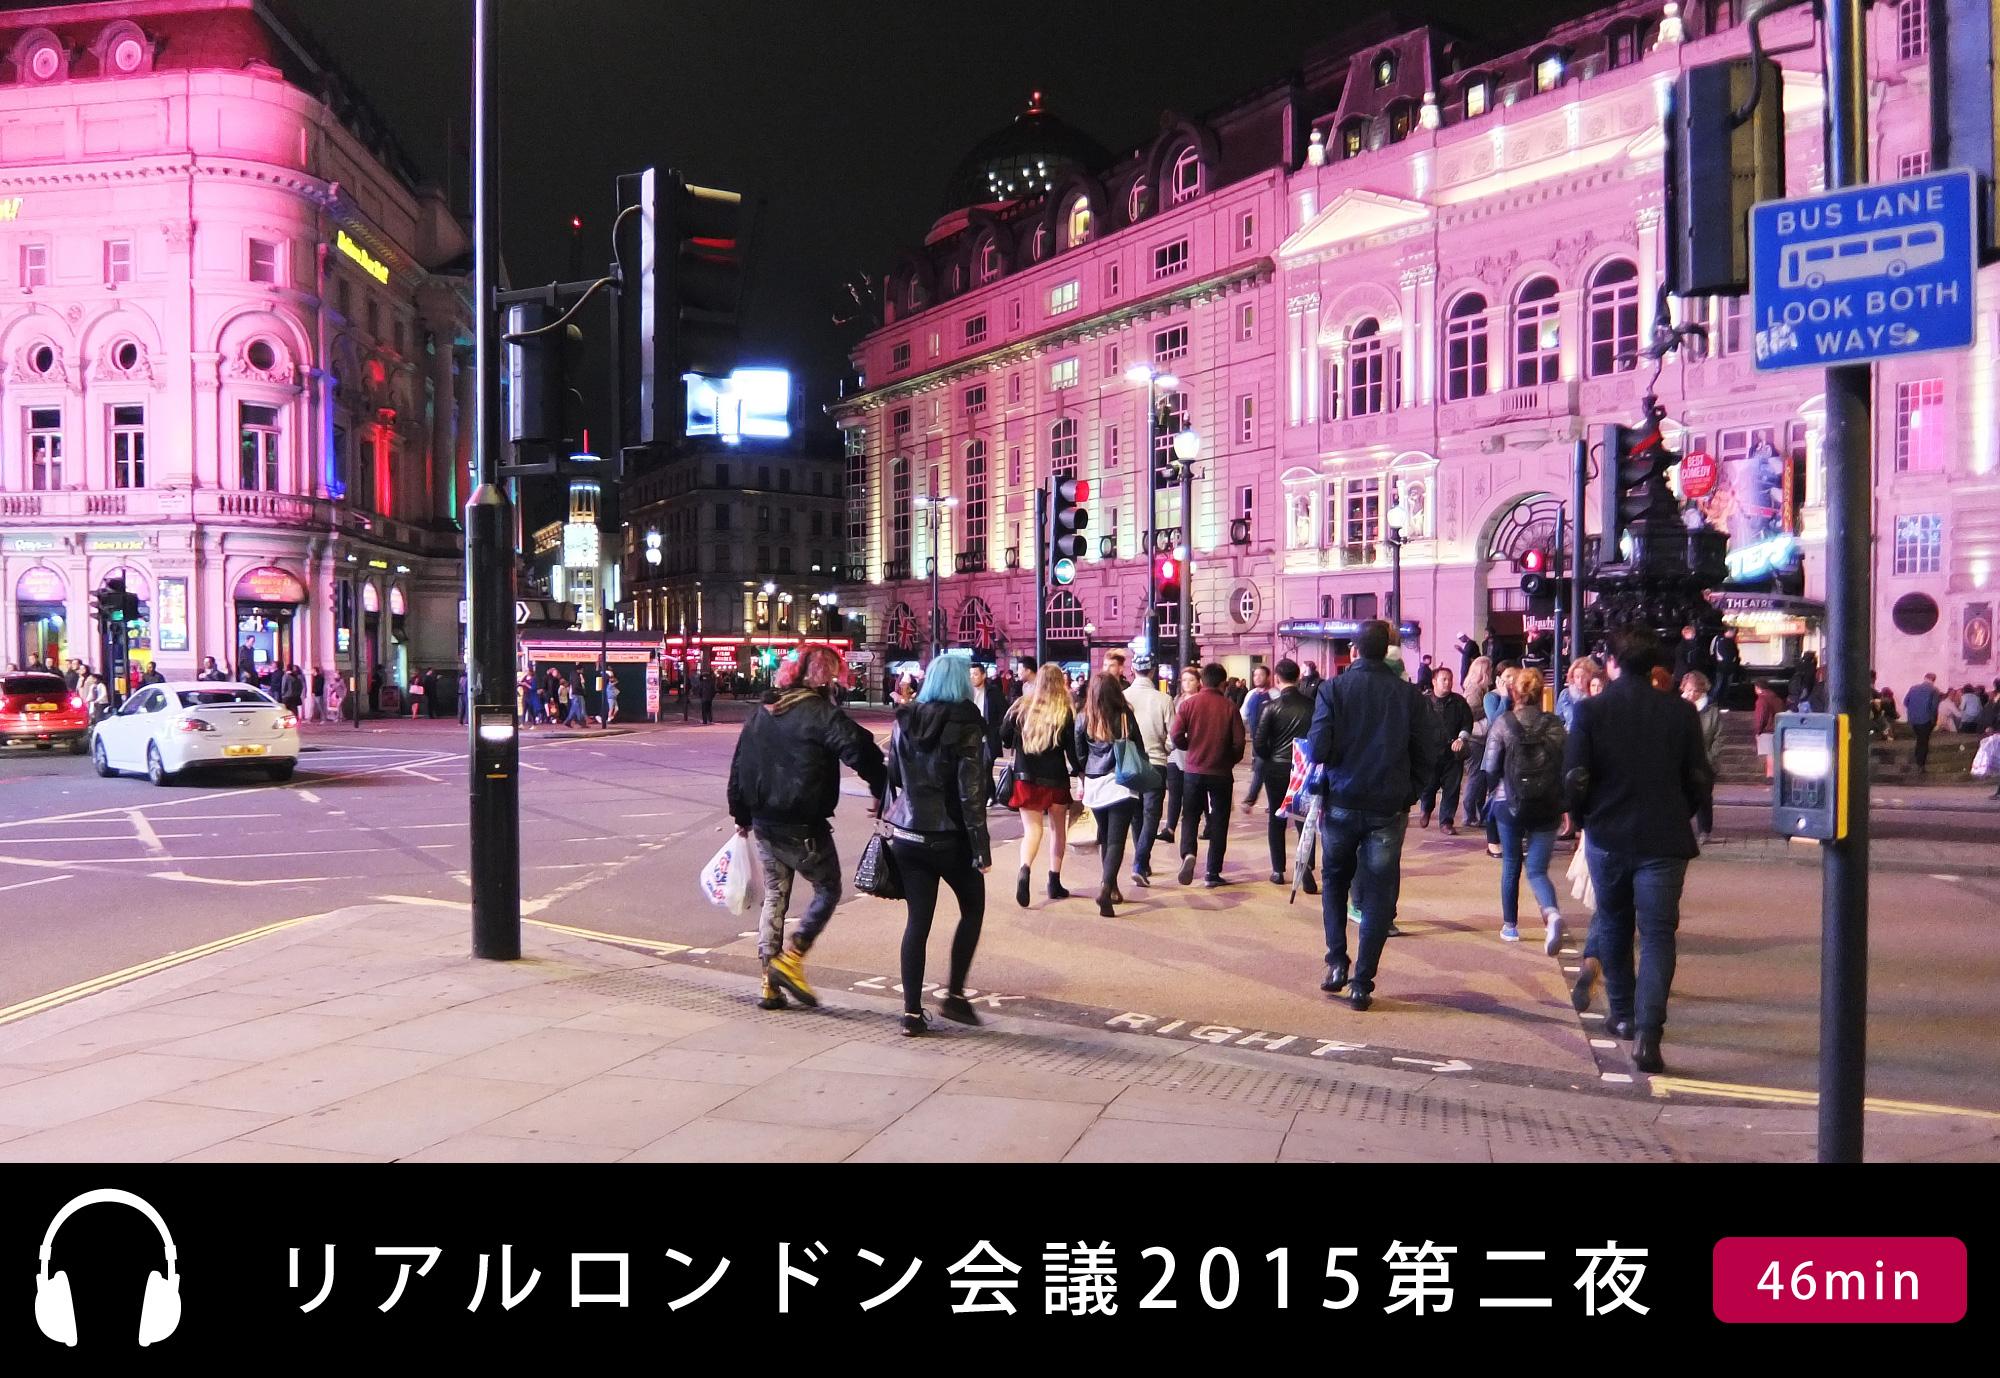 リアルロンドン会議2015・第二夜:偽警察官詐欺に逢ってしまった話/変換プラグを求めて/COSでお買い物